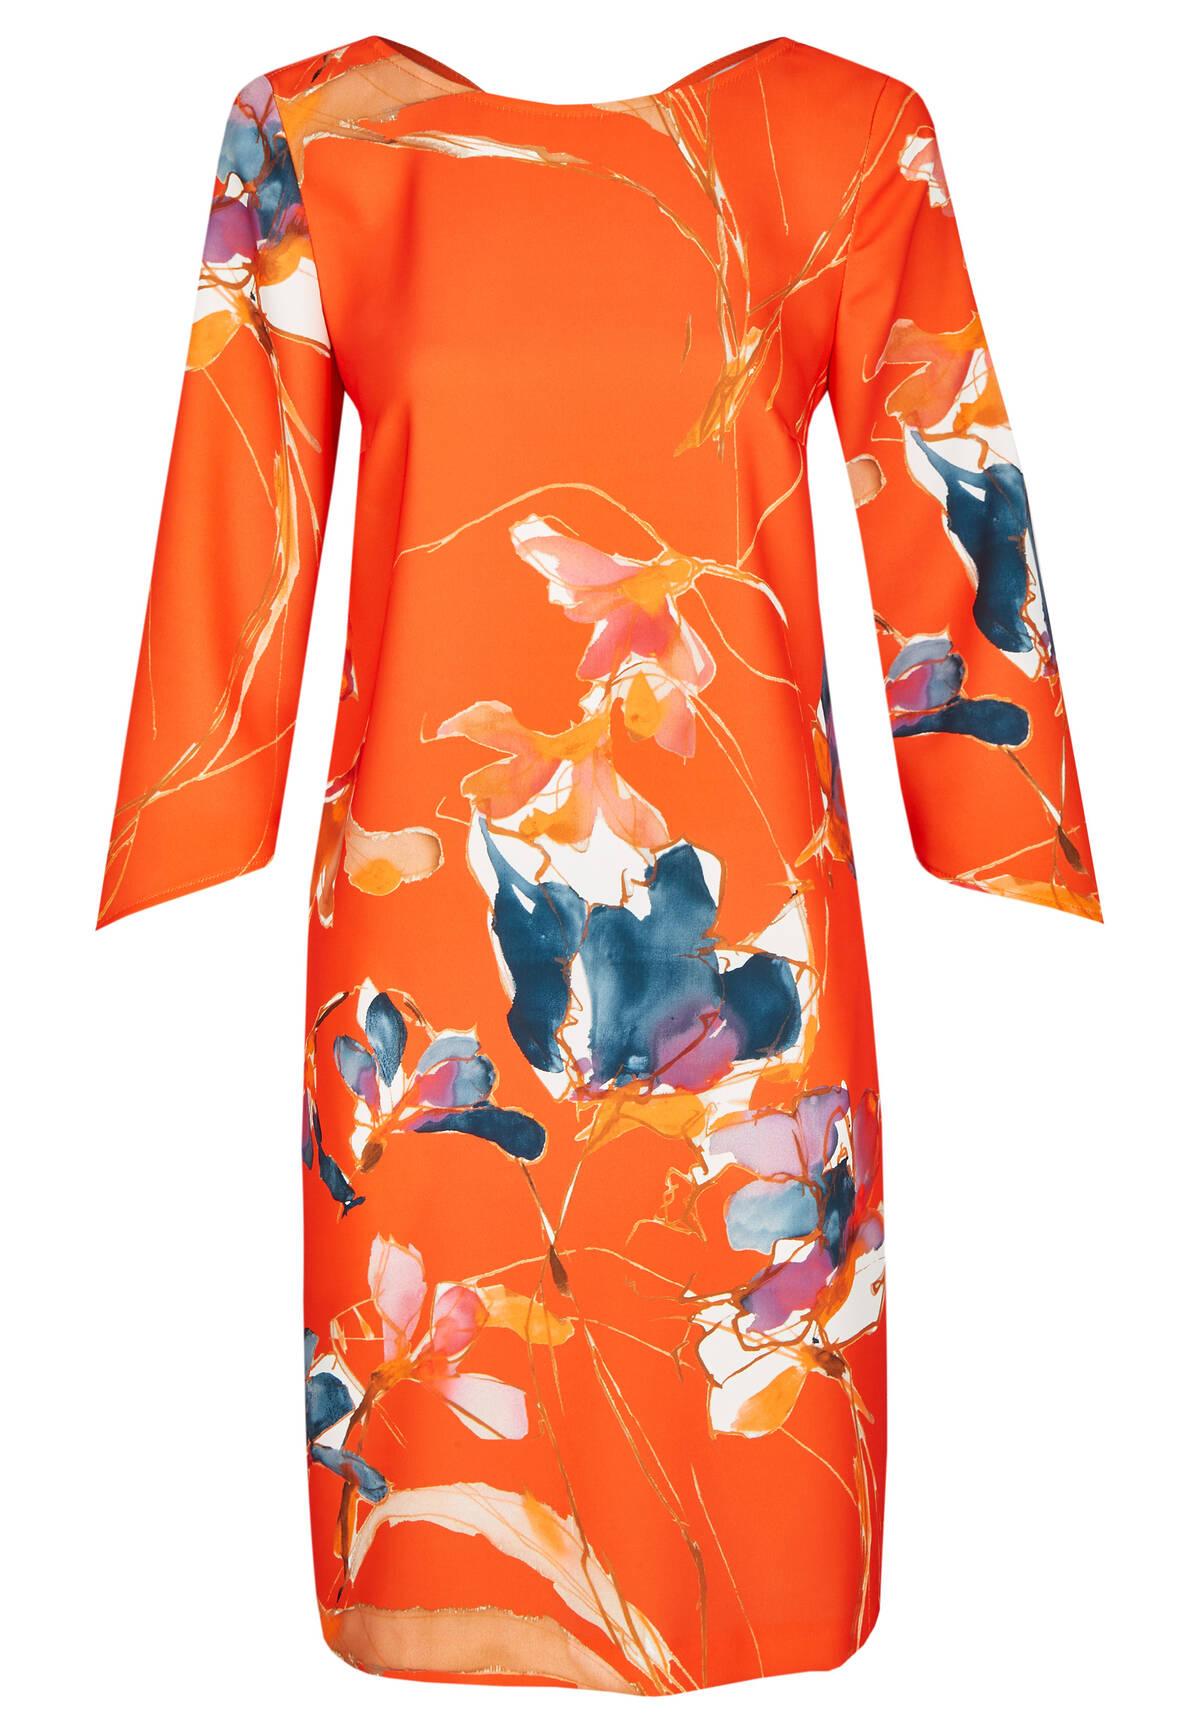 Sommerliches Kleid im floralen Design / Dress